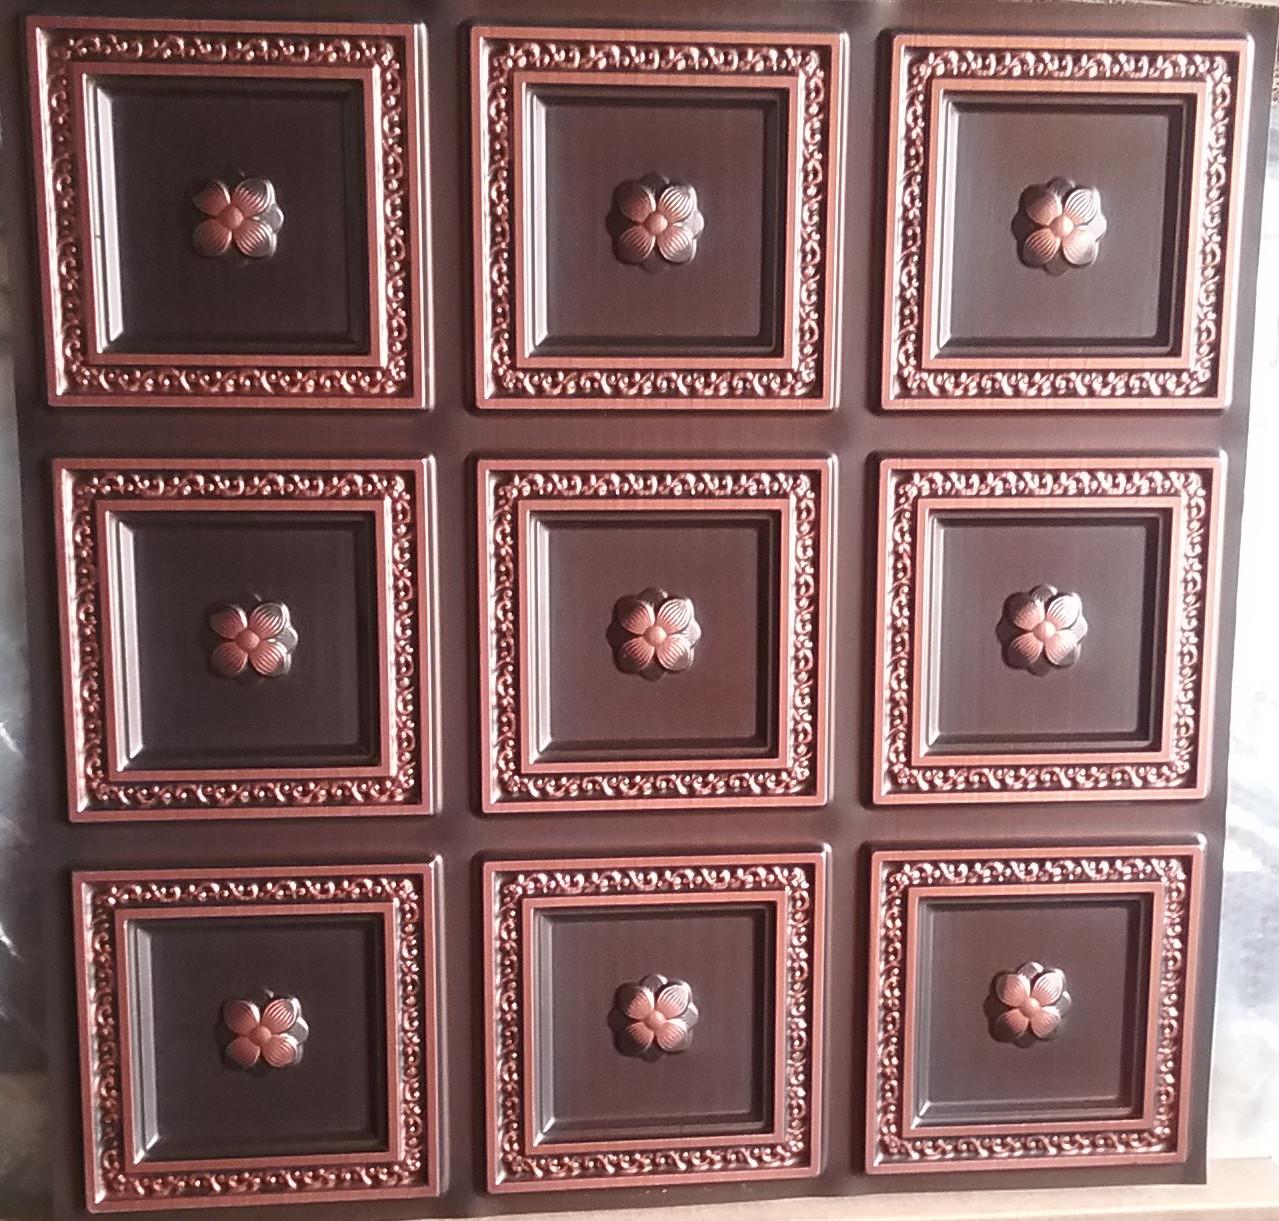 LOT 15 A -PVC-239 (84 SQ FT) 21 PCS   Antique Copper /  Glue Up